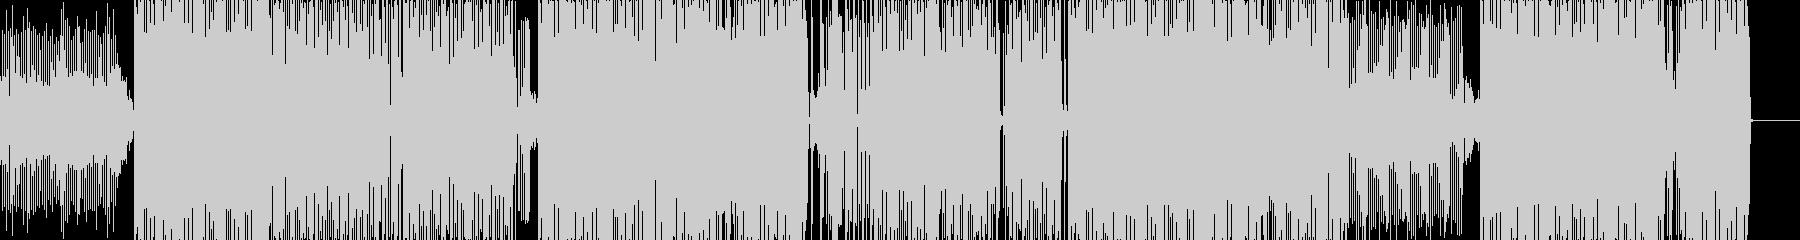 ロボット調のユニークで軽快なBGM音楽の未再生の波形